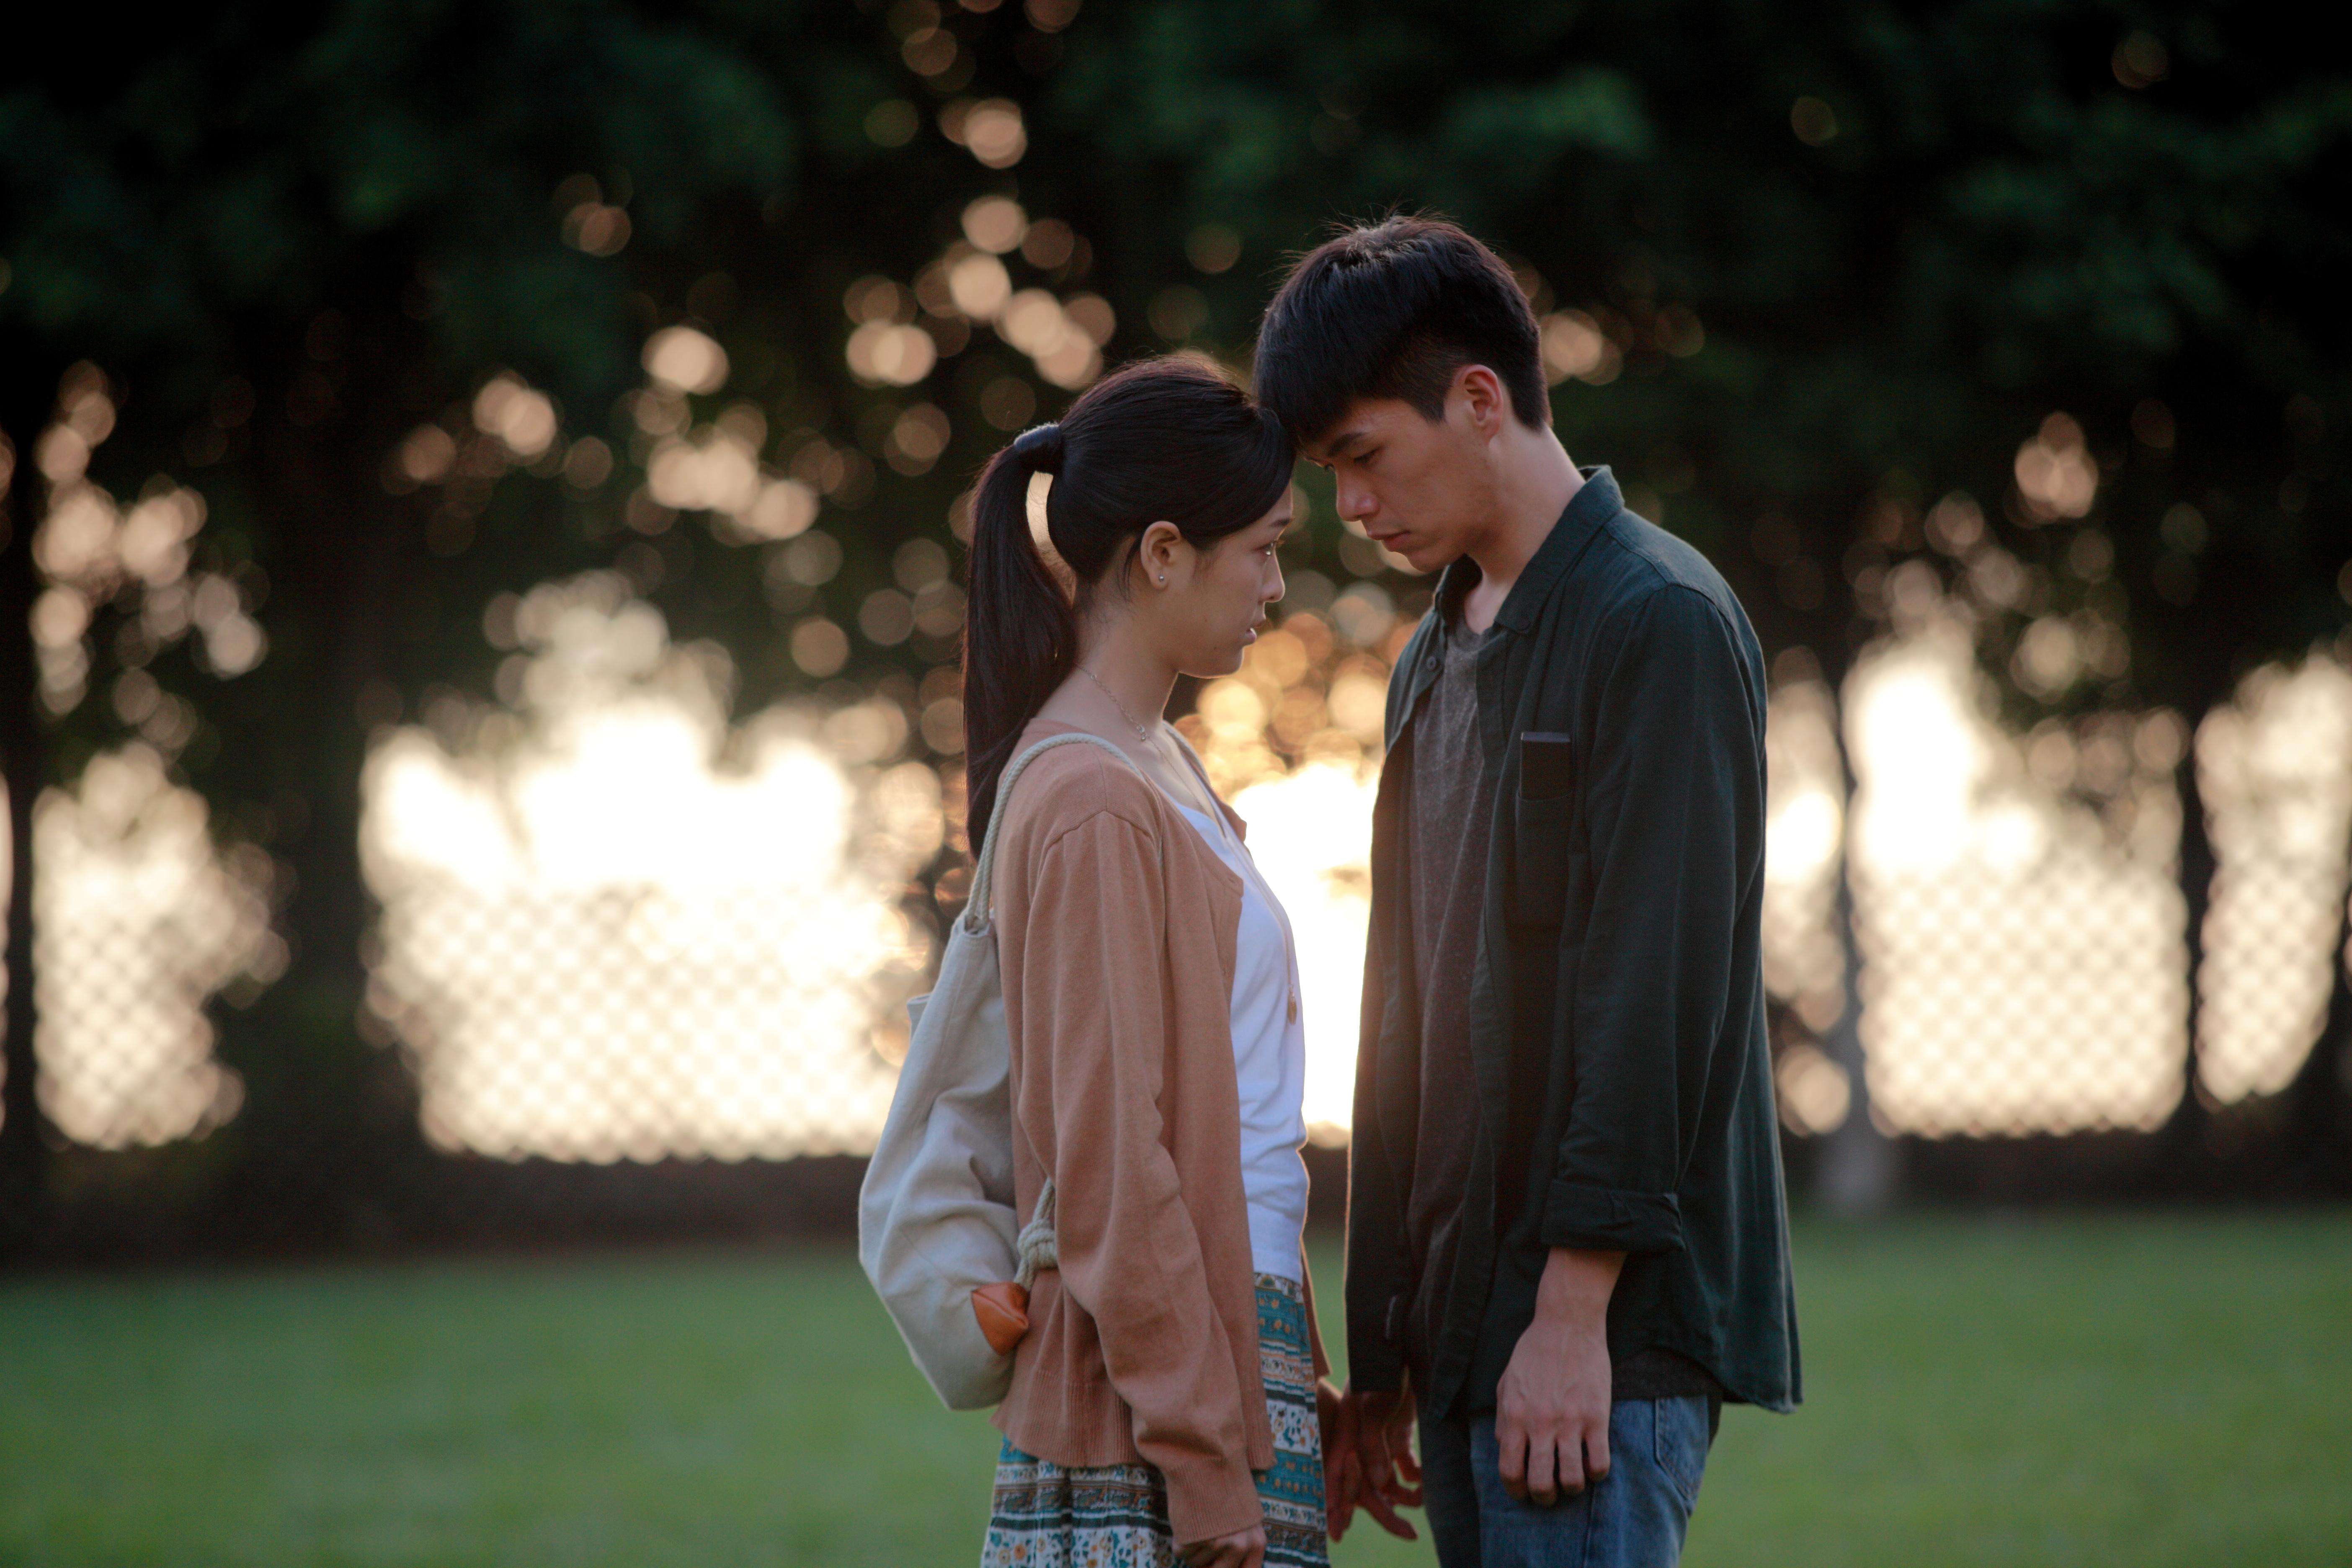 導演陳哲民指希望透過《散後》,呈現年輕人經歷近年的社會衝擊後,各人的心態、關係會如何被影響。